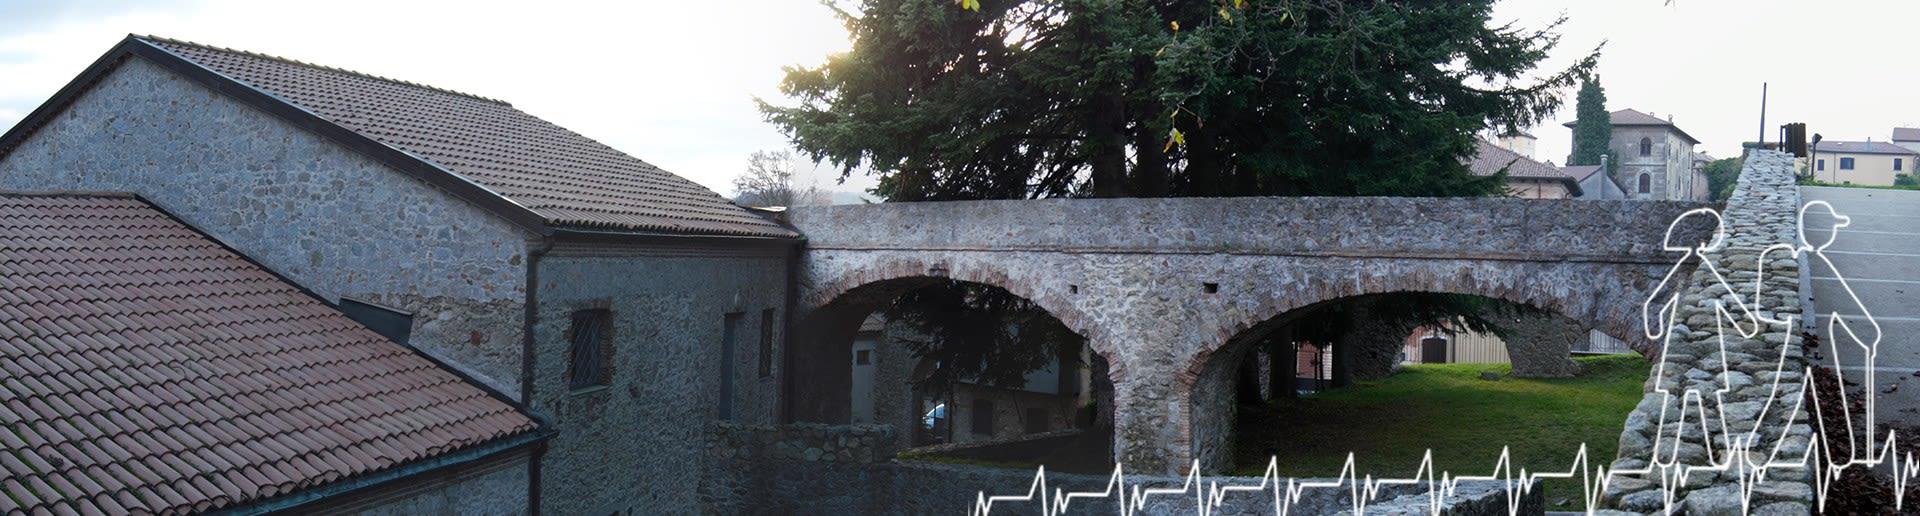 Mongiana; MUFAR (Museo della Fabbrica d'Armi)